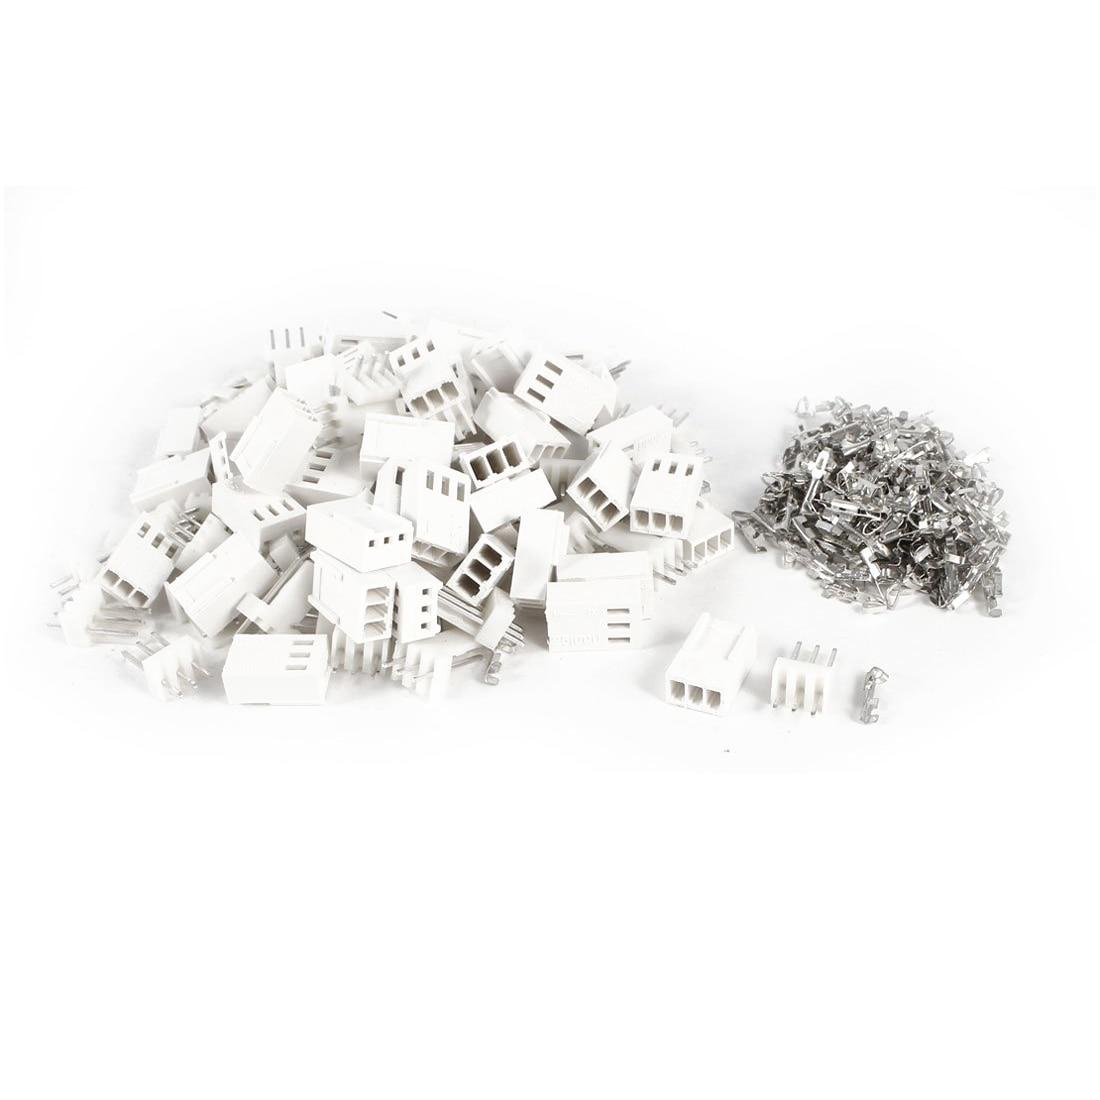 Jfbl 2x 50 Pieces Kf 3p 2 54mm Pcb Header 3 Pin